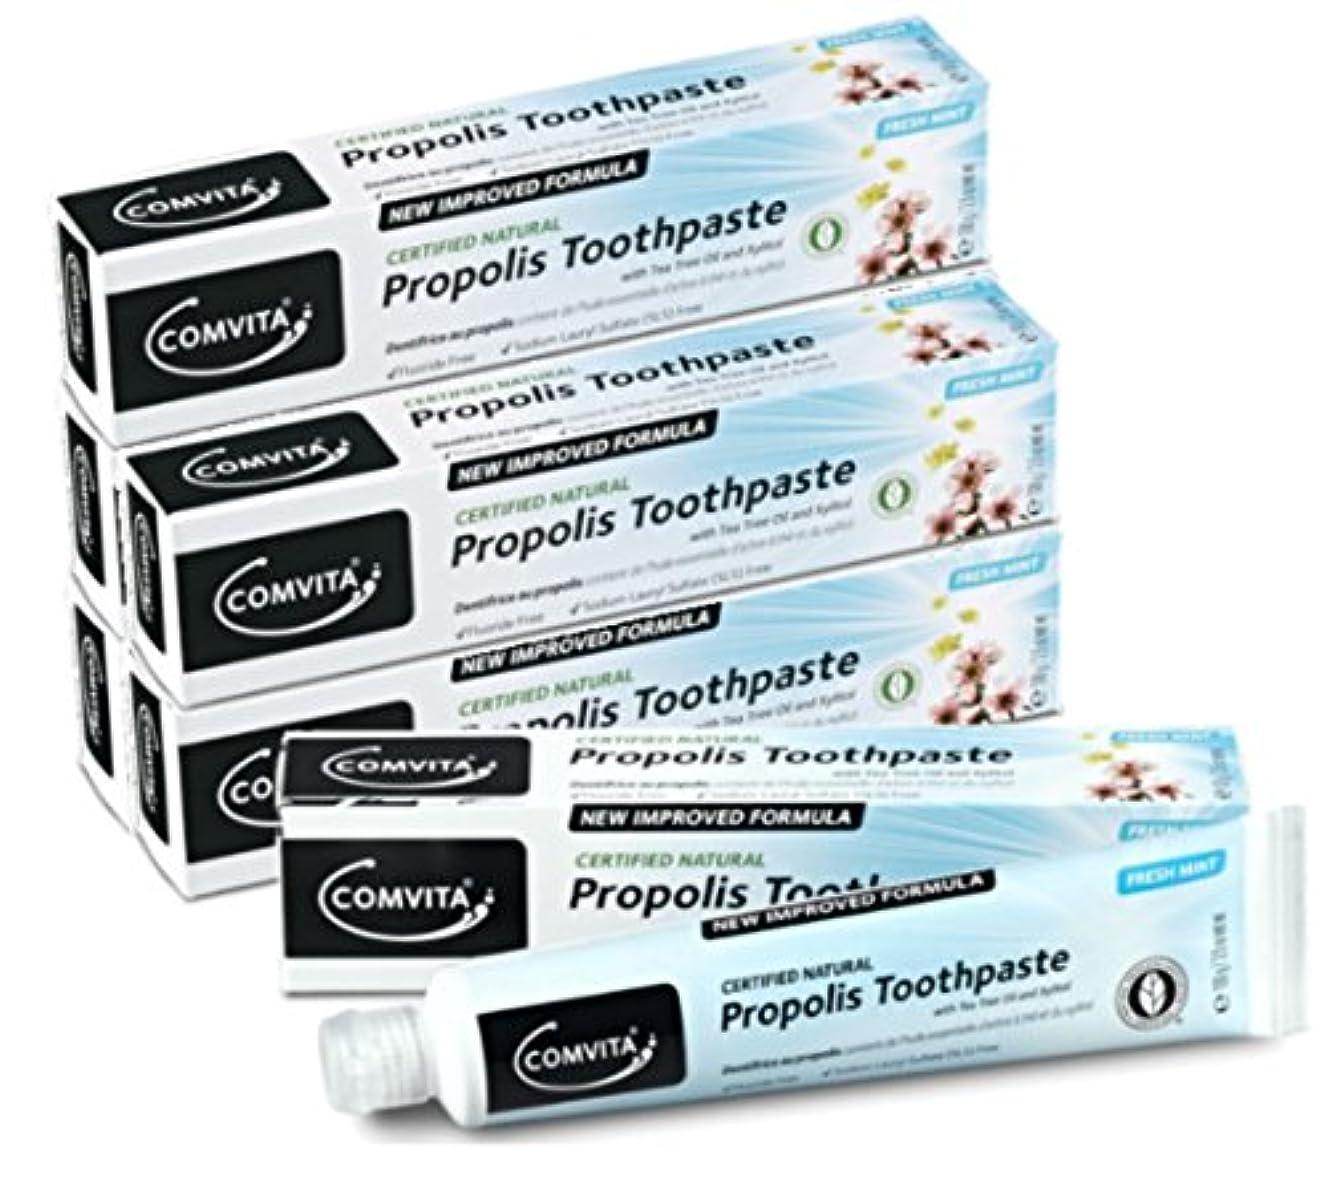 ラップトップについてドライプロポリス歯磨き コンビタ アピセラ歯磨き (100g) お得な6本セット ティーツリーオイル配合